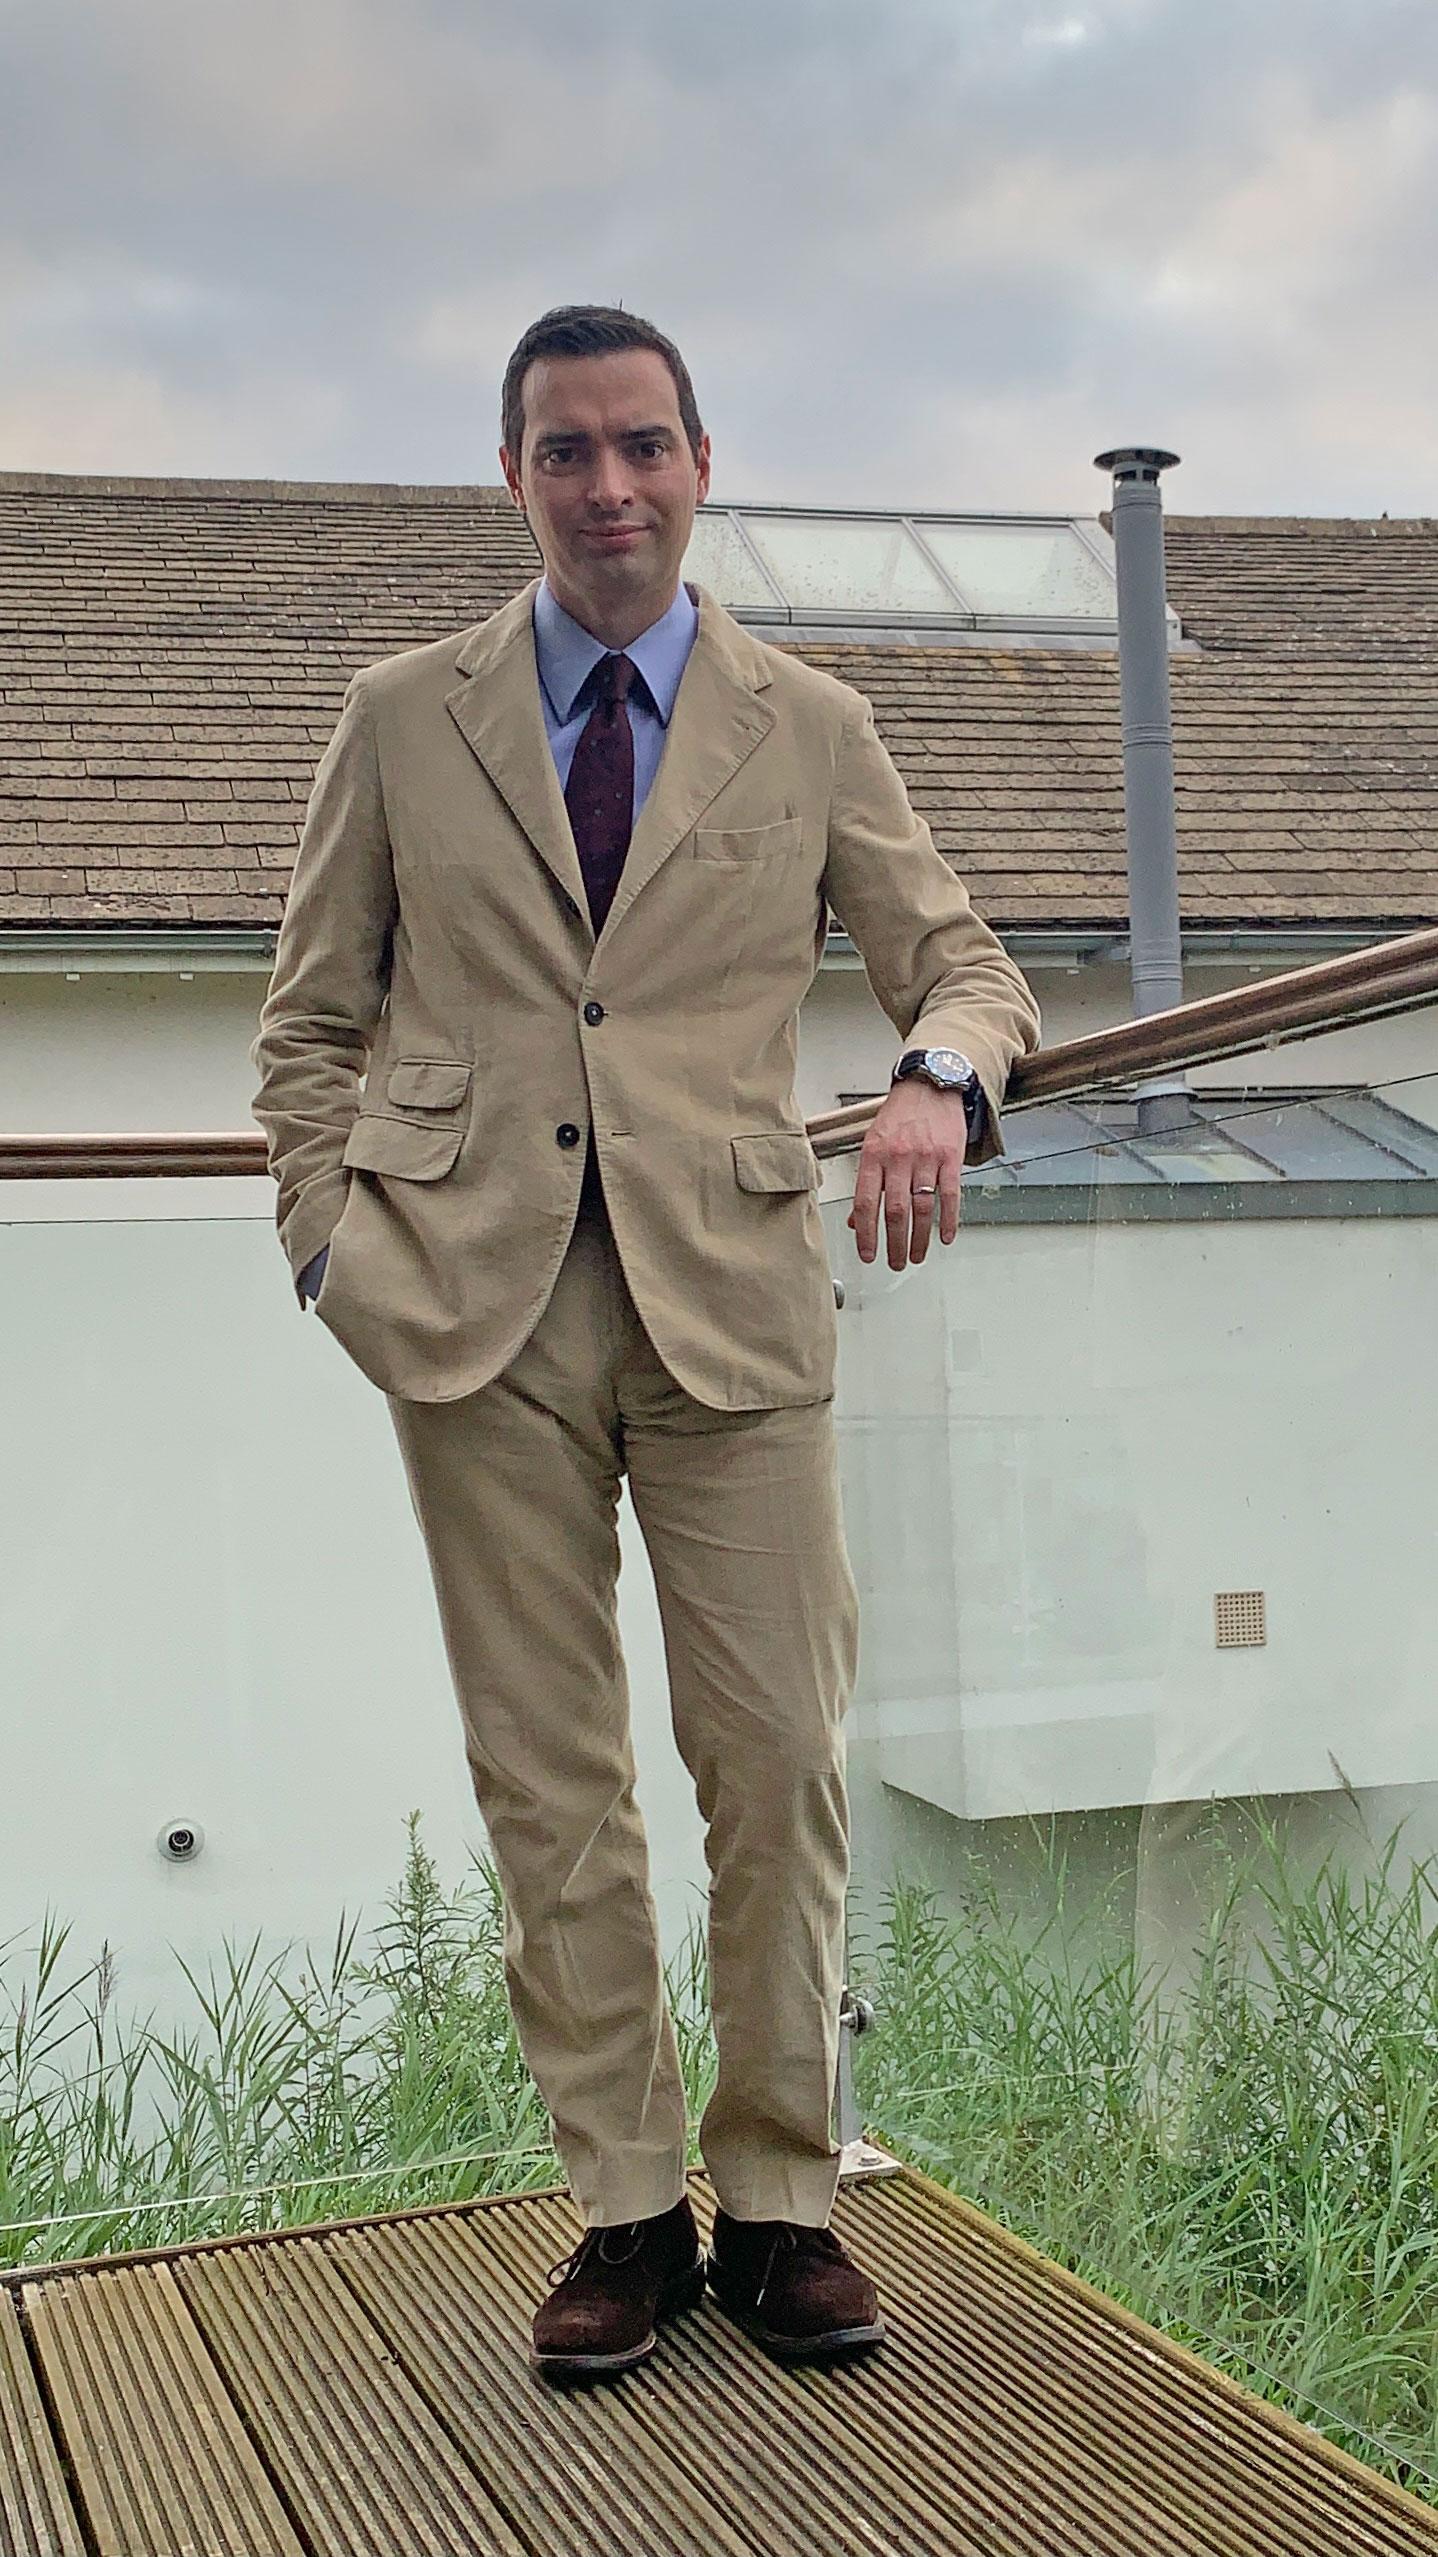 Burgundy Tie worn by Daniel Gaster with the Sloop Suit